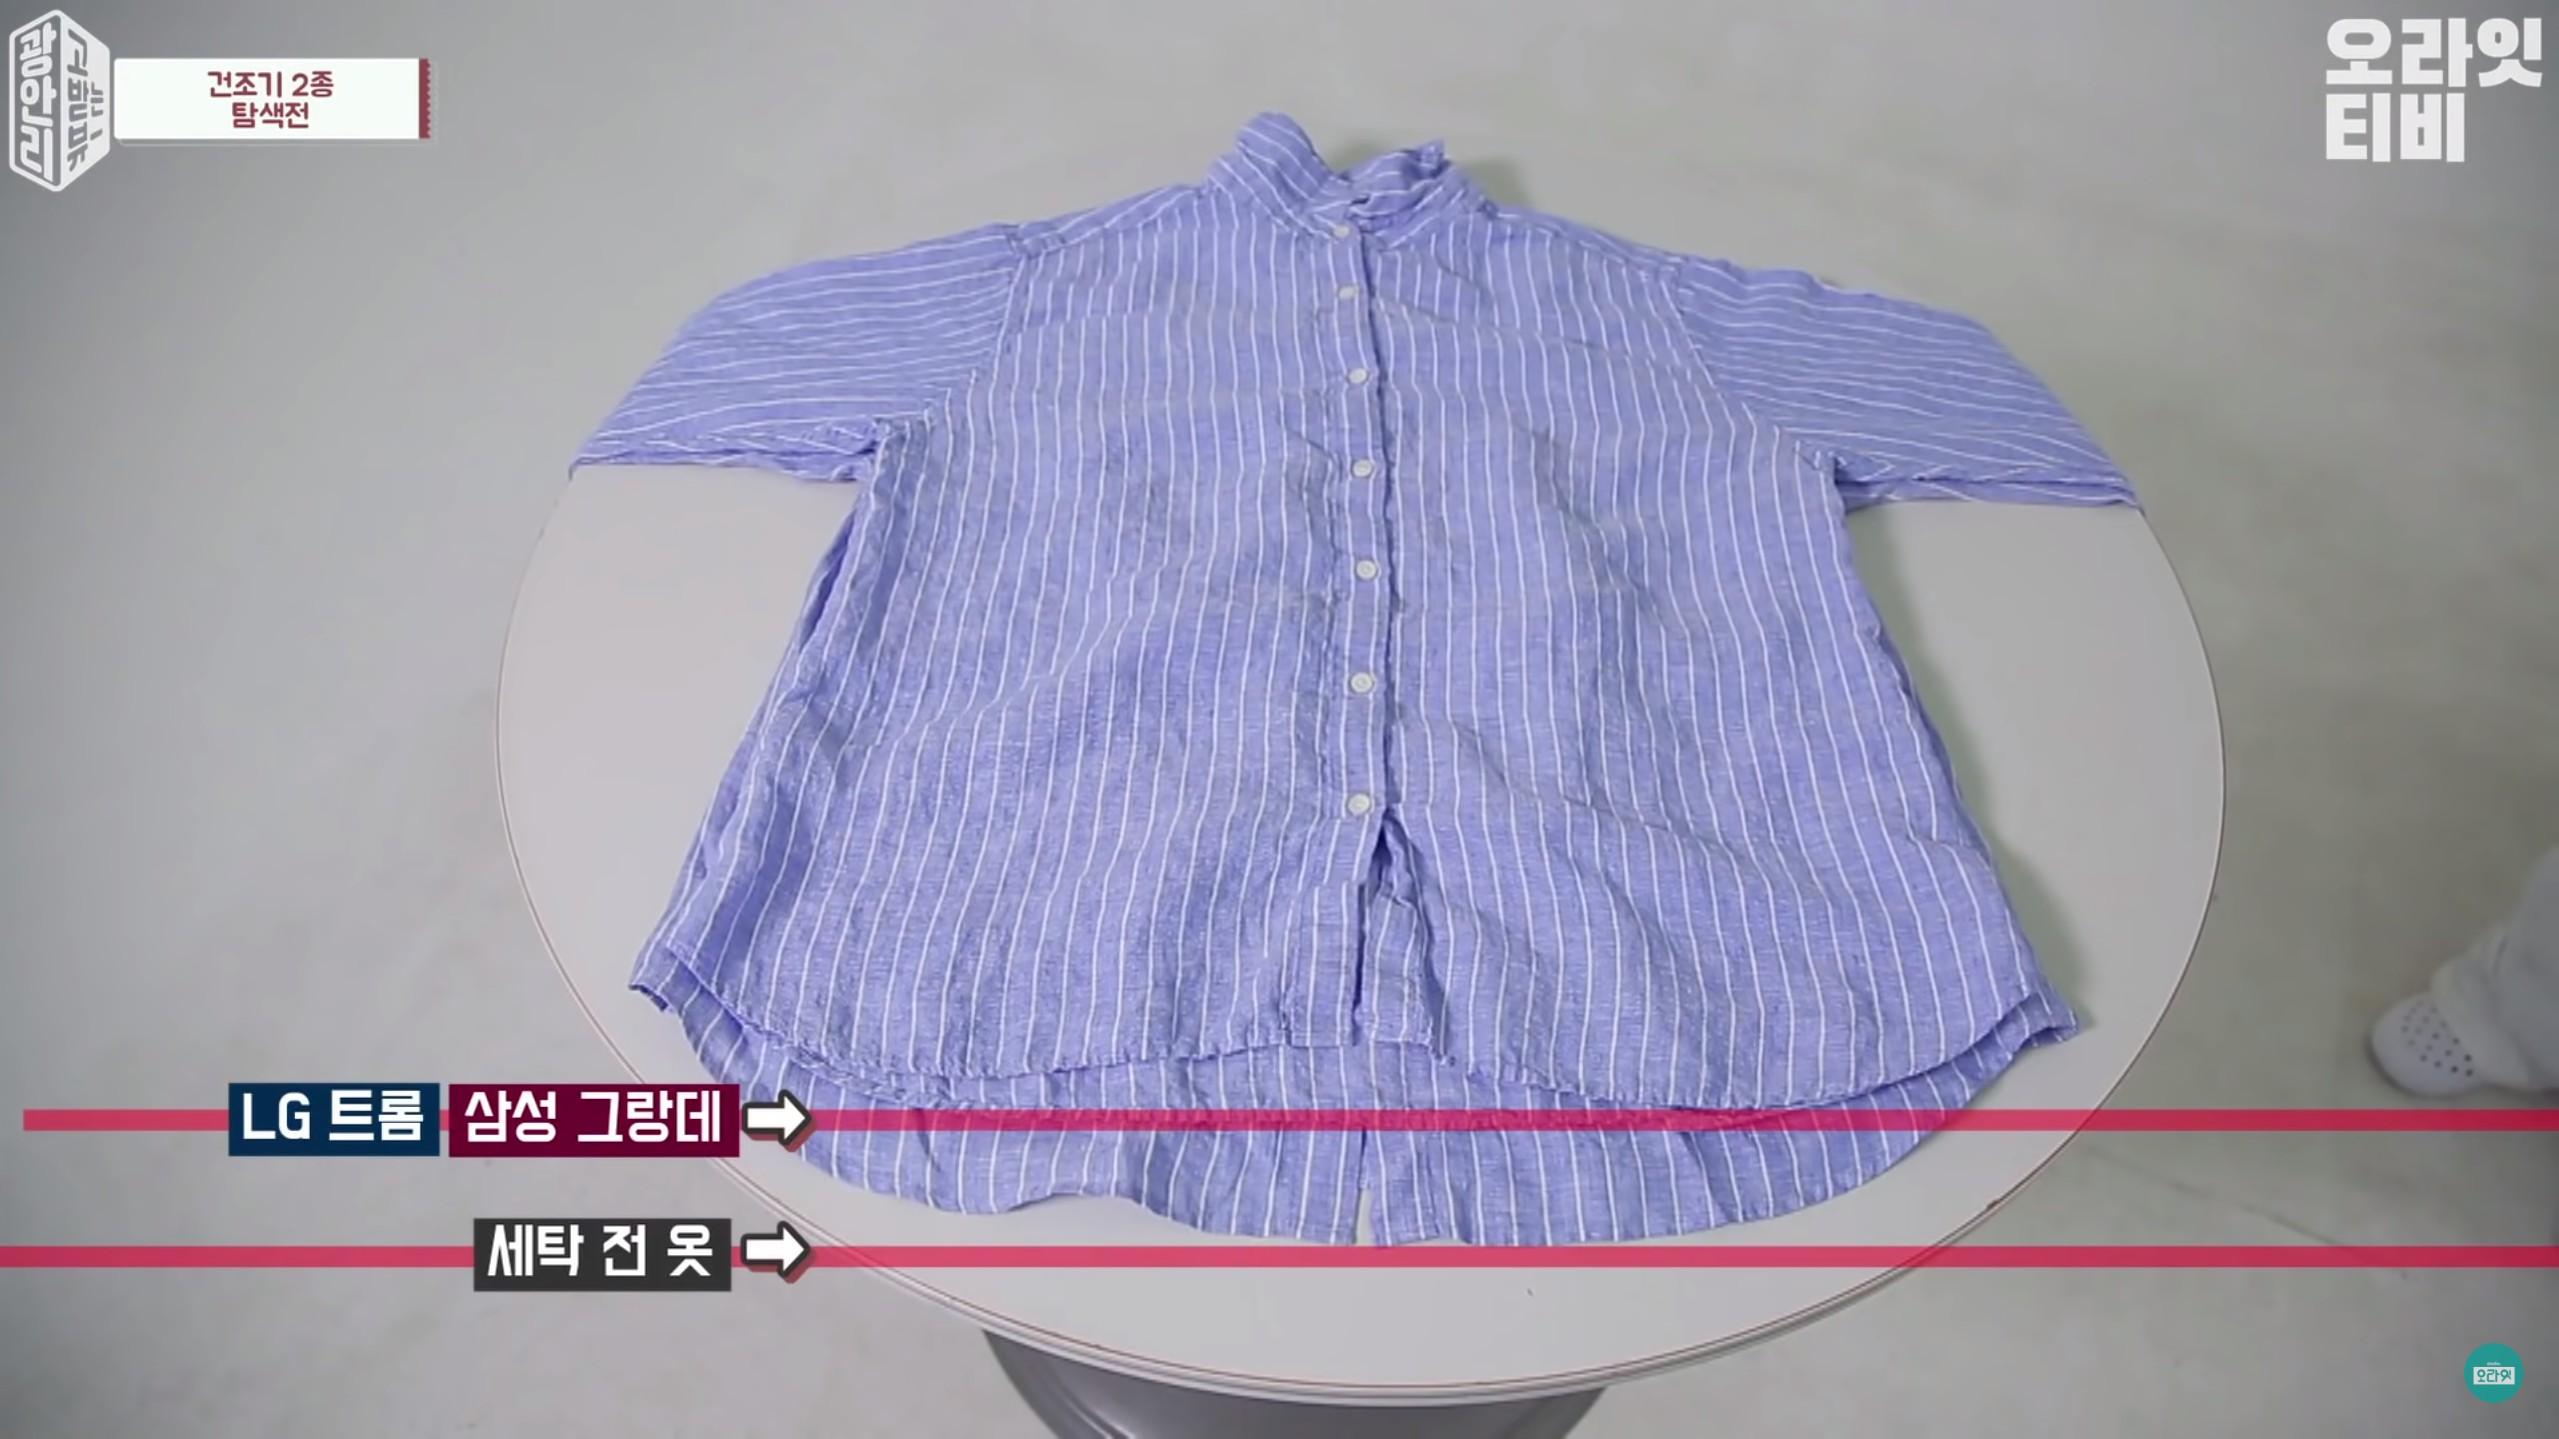 襯衫測試 棉質t恤 測試,LG跟三星的縮水比較